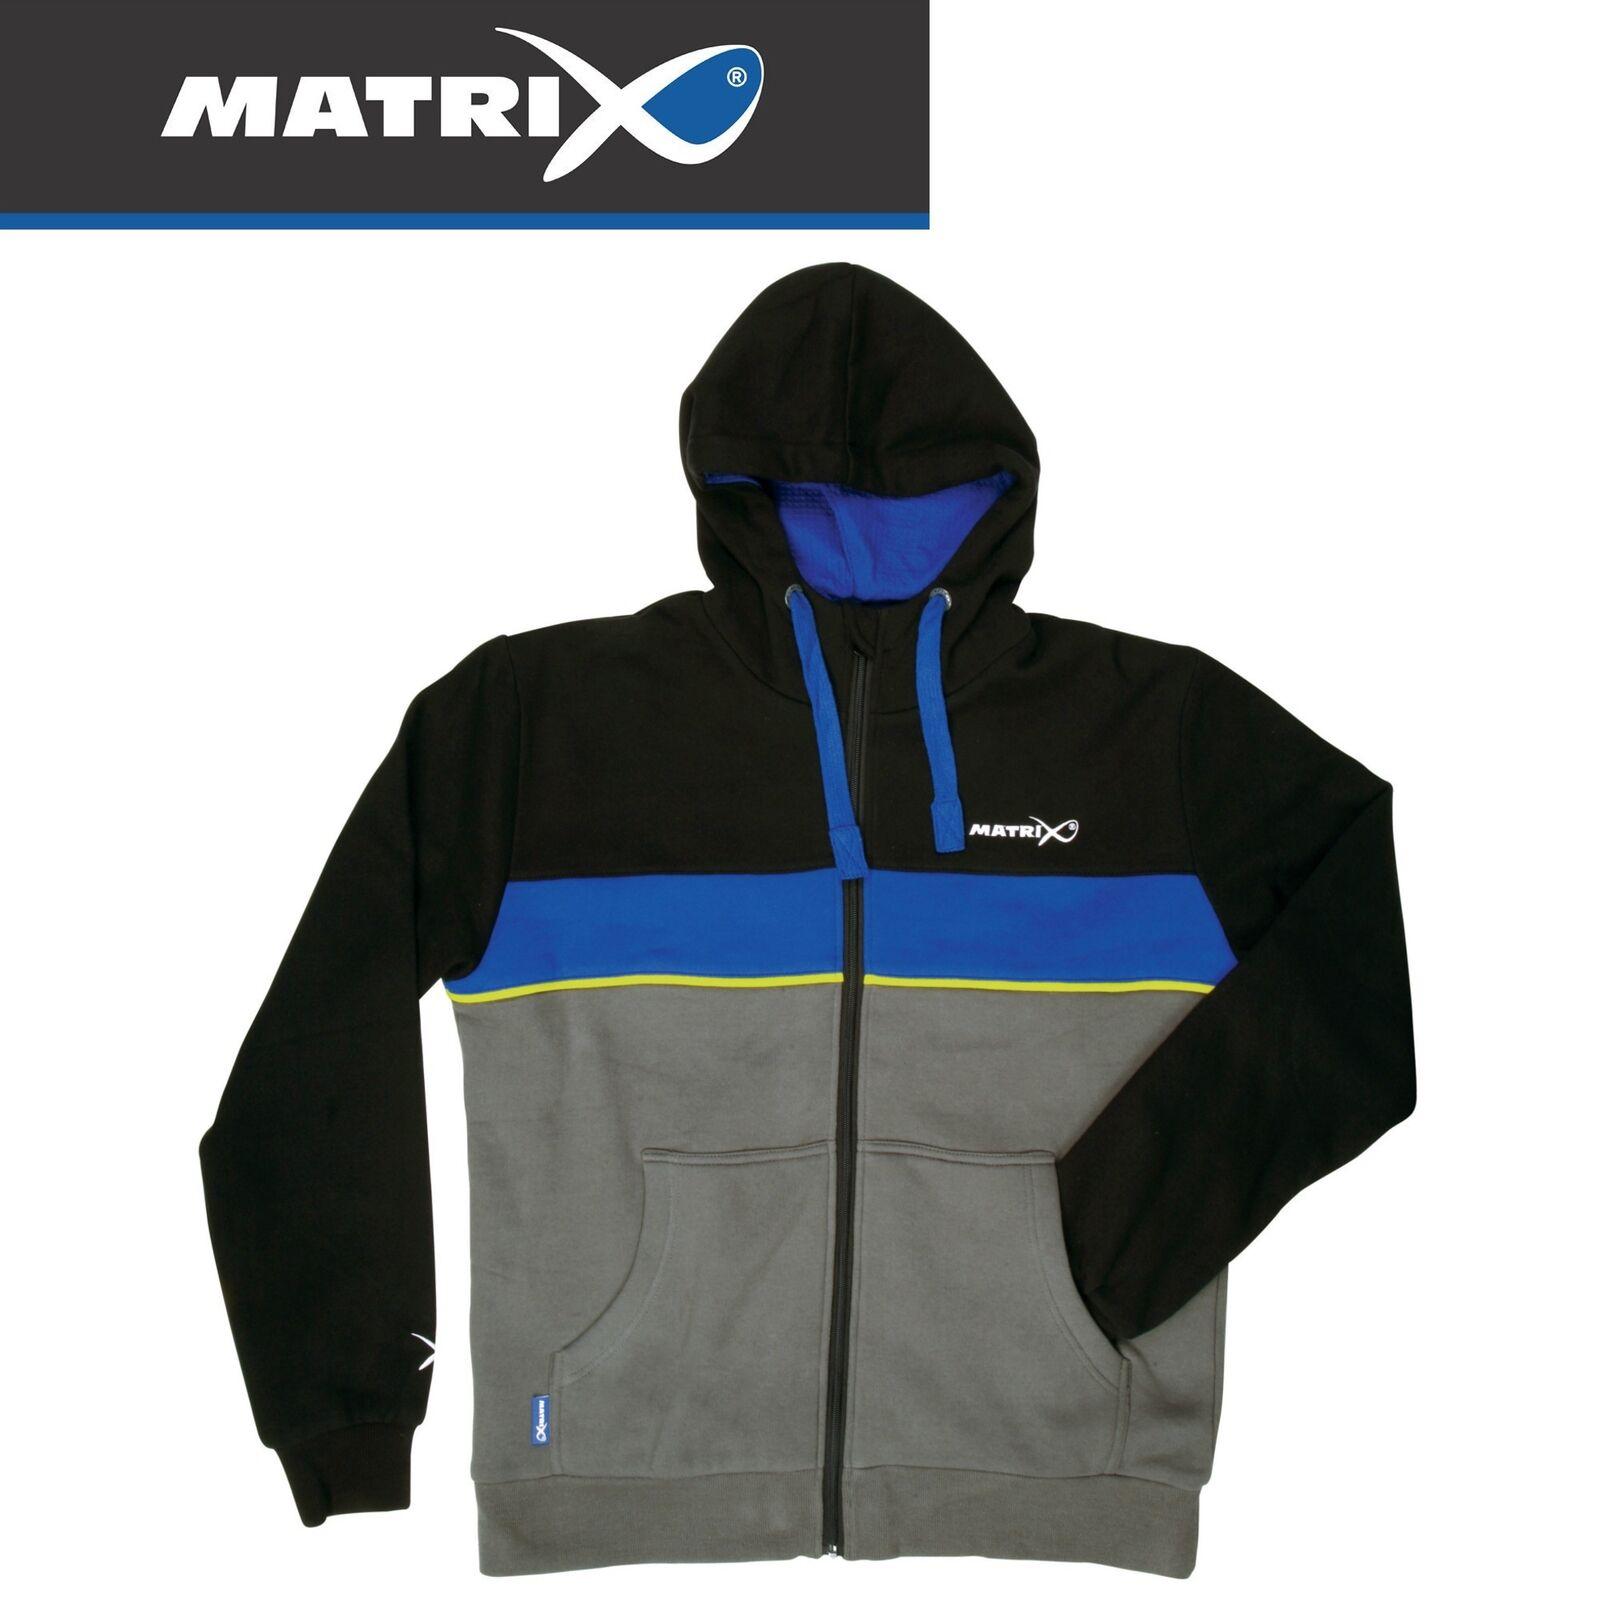 Fox Matrix Fleece Lined Hoody - Angelpullover Angelbekleidung für kalte Tage